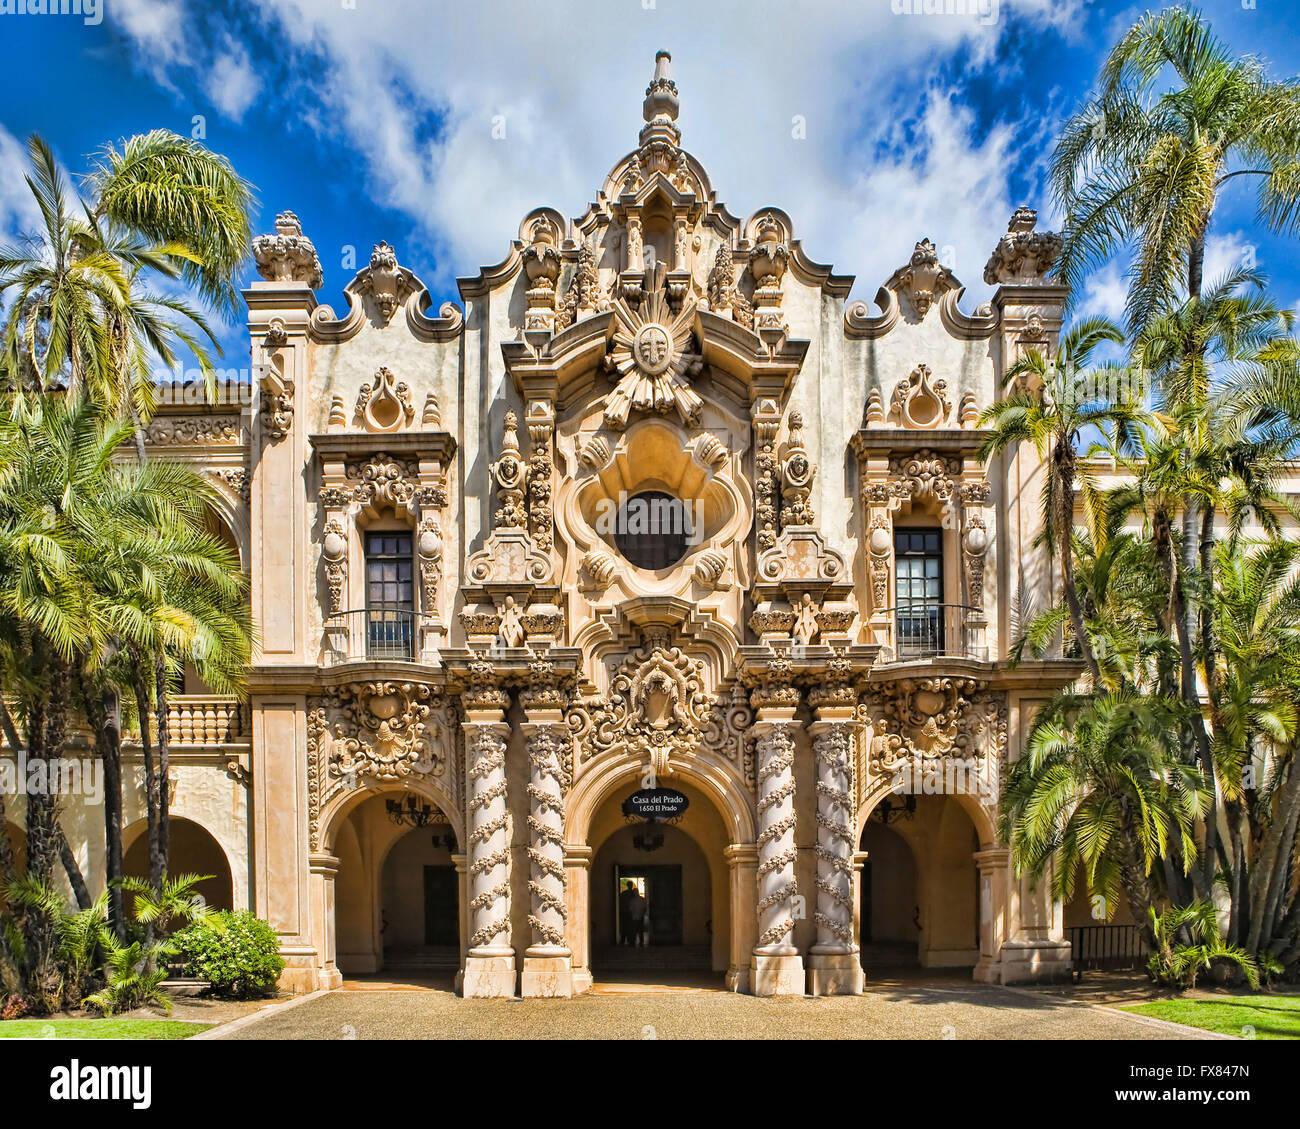 Spanish architecture: Casa del Prado in Balboa Park, San Diego ...